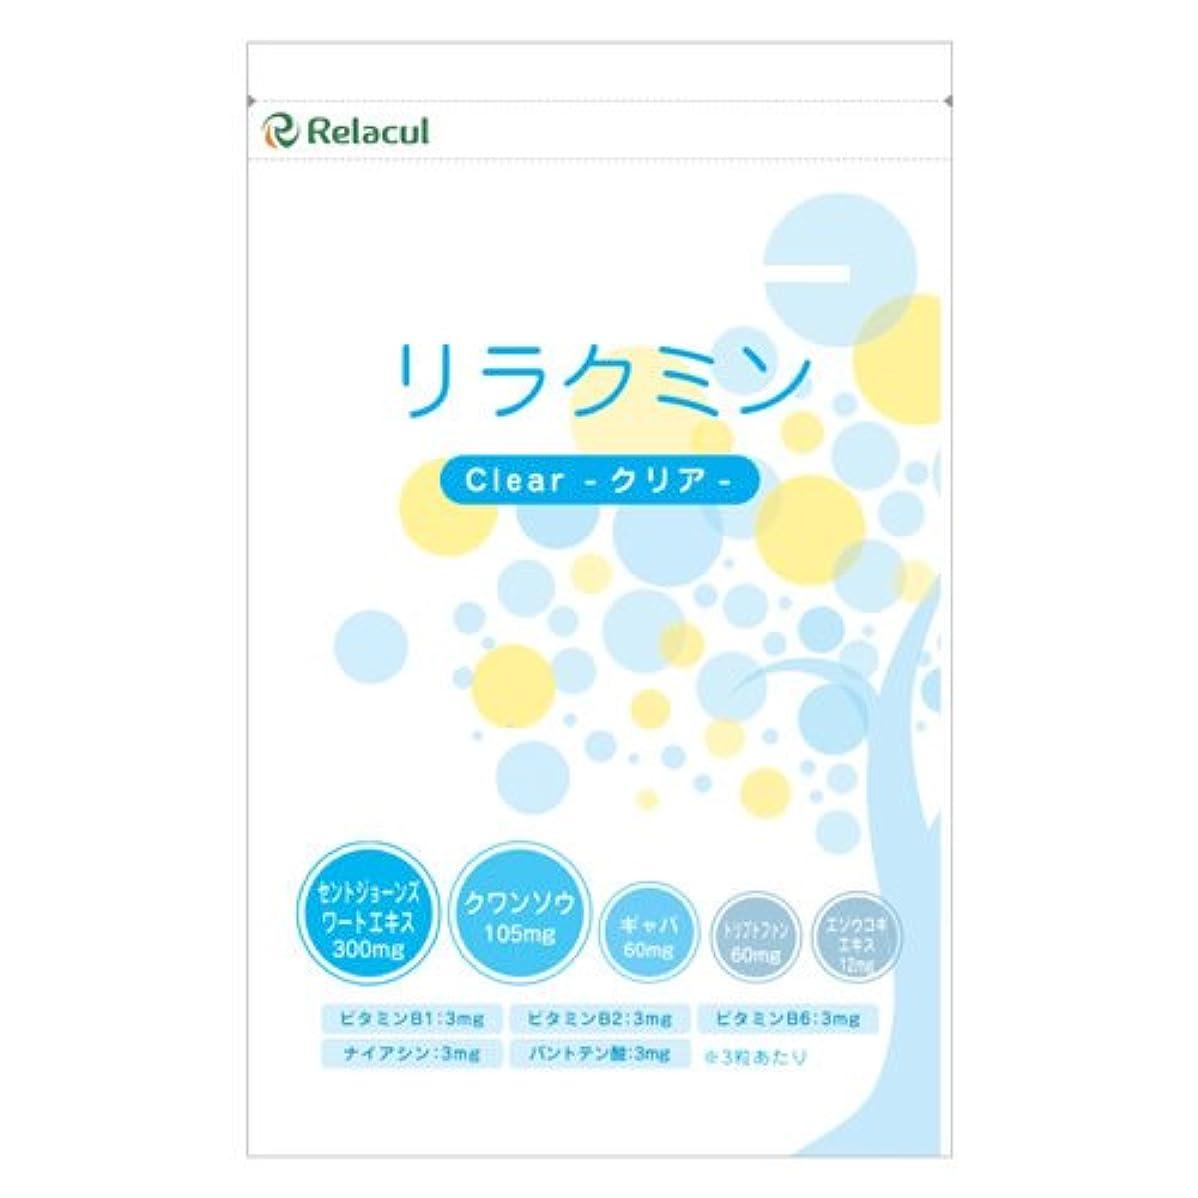 公然とおそらくやりすぎセロトニン サプリ (日本製) ギャバ セントジョーンズワート トリプトファン エゾウコギ [リラクミンクリア 1袋] 90粒入 (約1か月分) リラクミン サプリメント